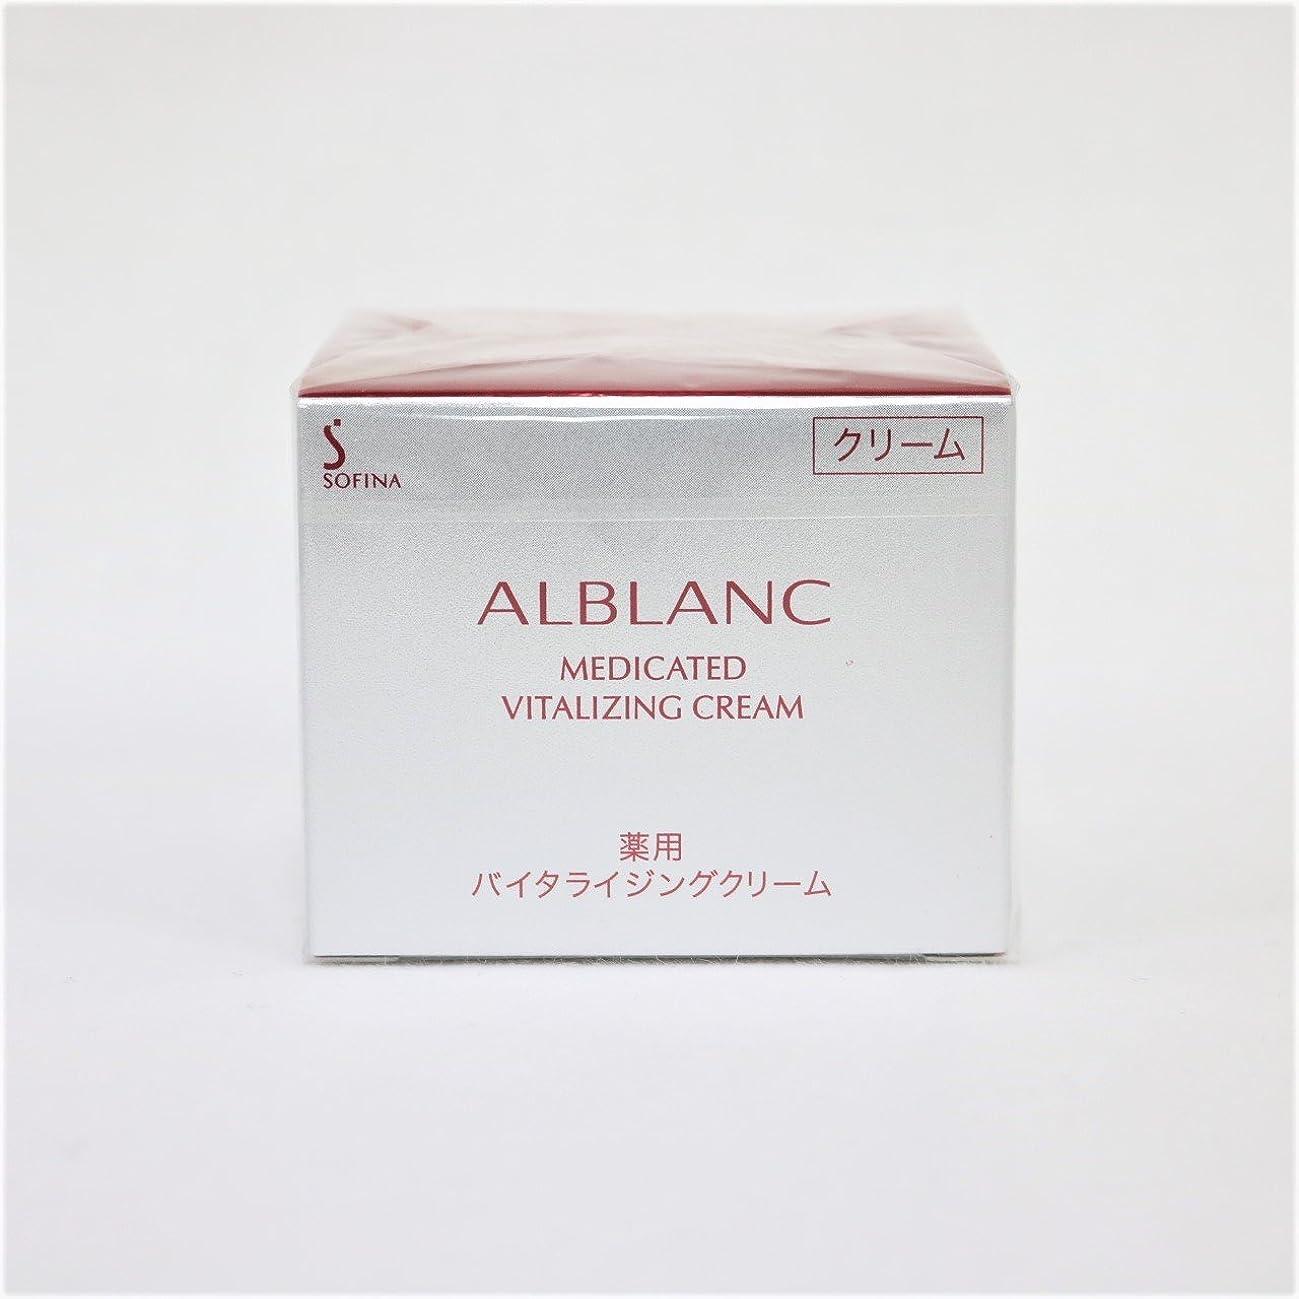 異邦人退化するゴネリルソフィーナ アルブラン 薬用バイタライジングクリーム 40g